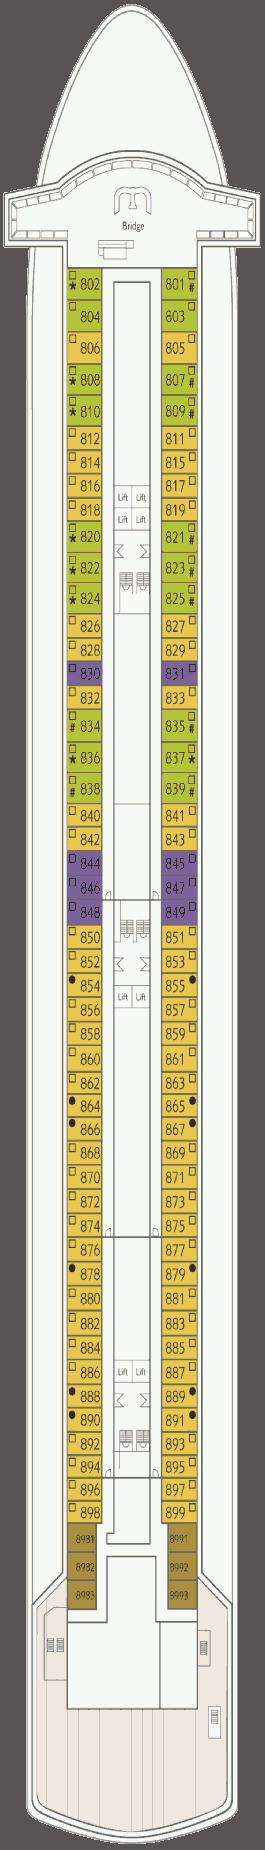 Thomson Majesty Deck 8